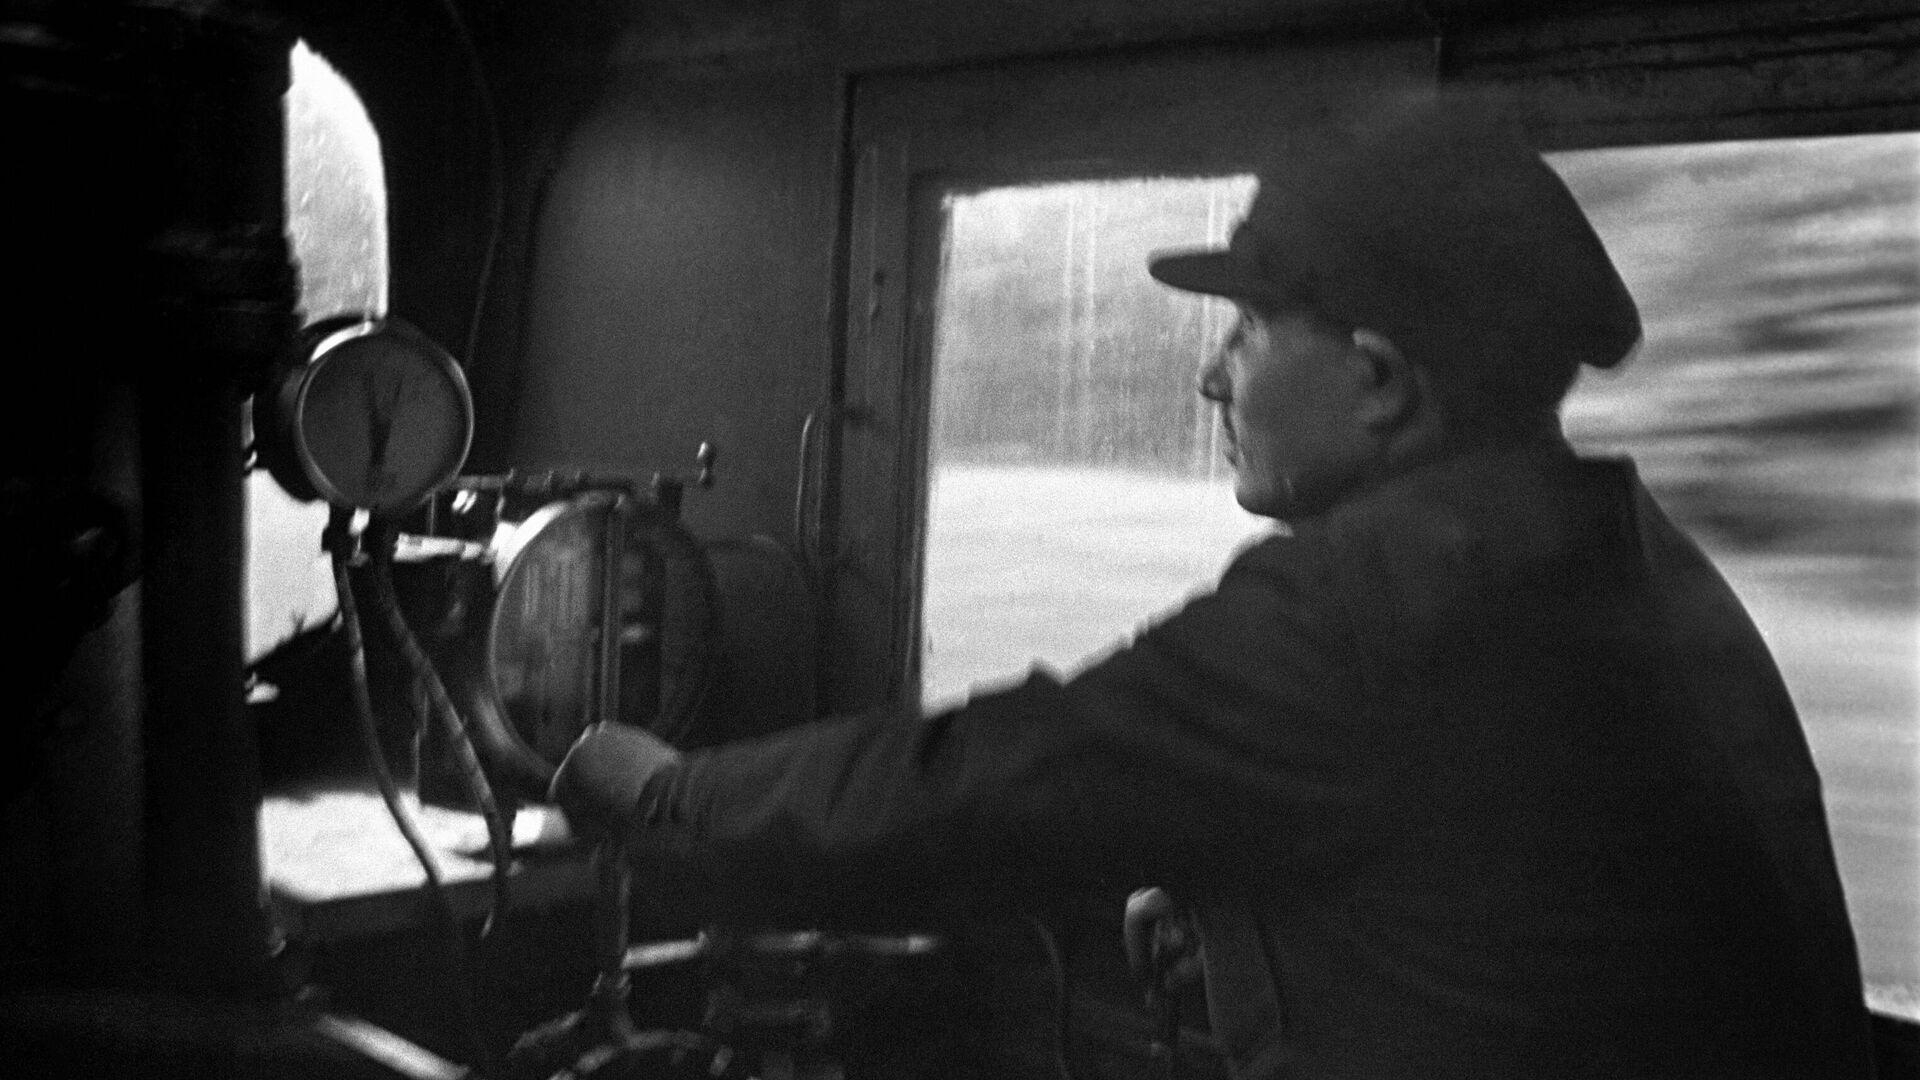 Машинист ведет пассажирский поезд Красная стрела (Москва-Ленинград). 1939 год. - РИА Новости, 1920, 10.06.2021